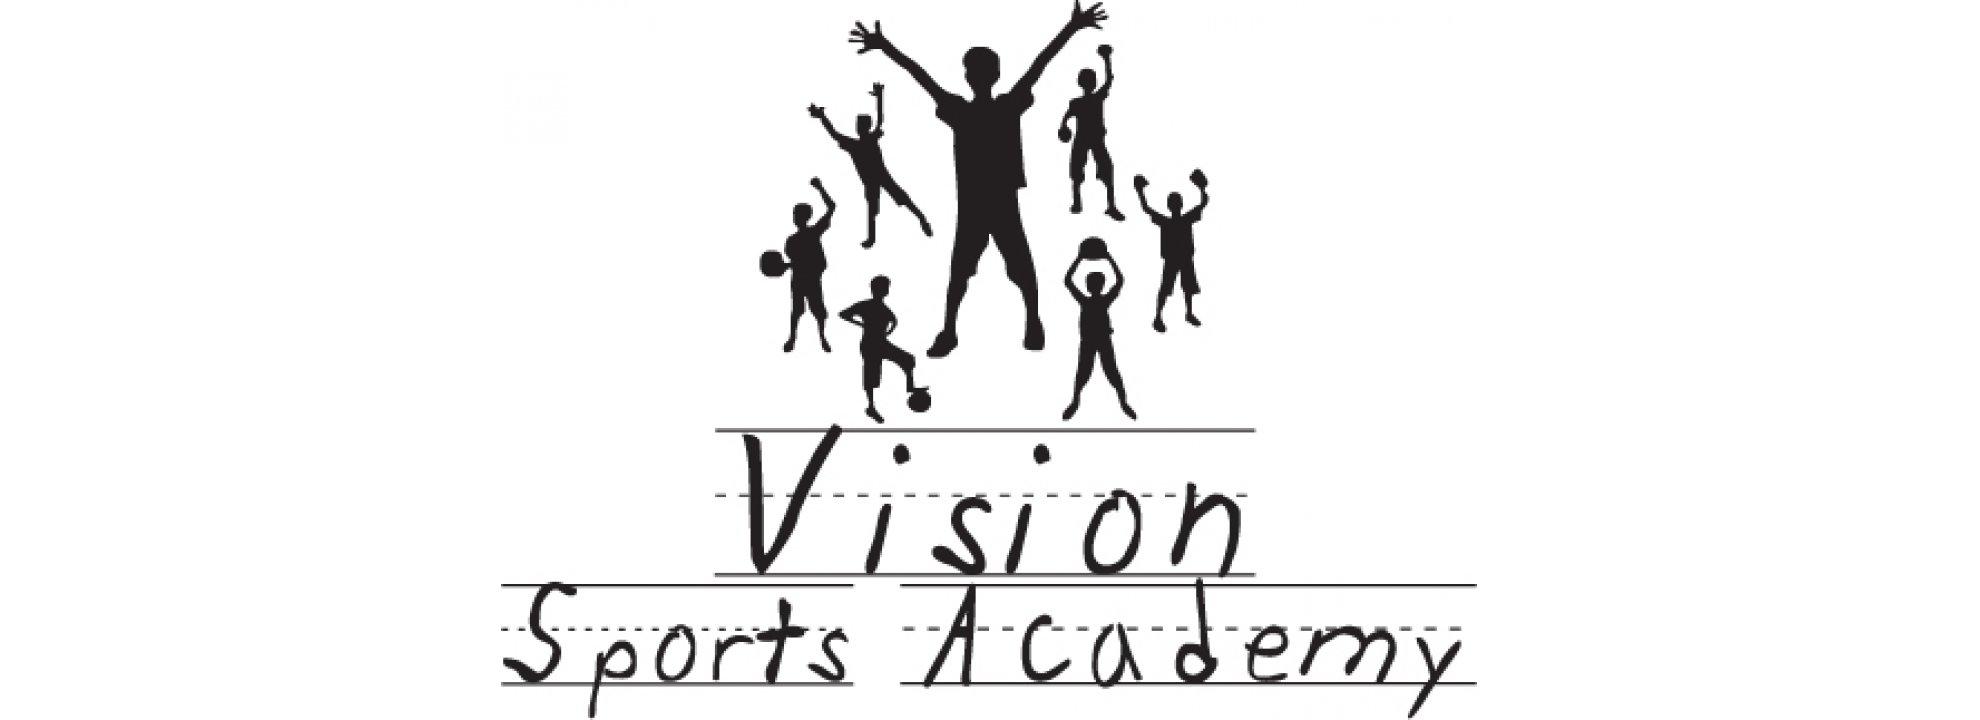 Afterschool Sports Coach Banner